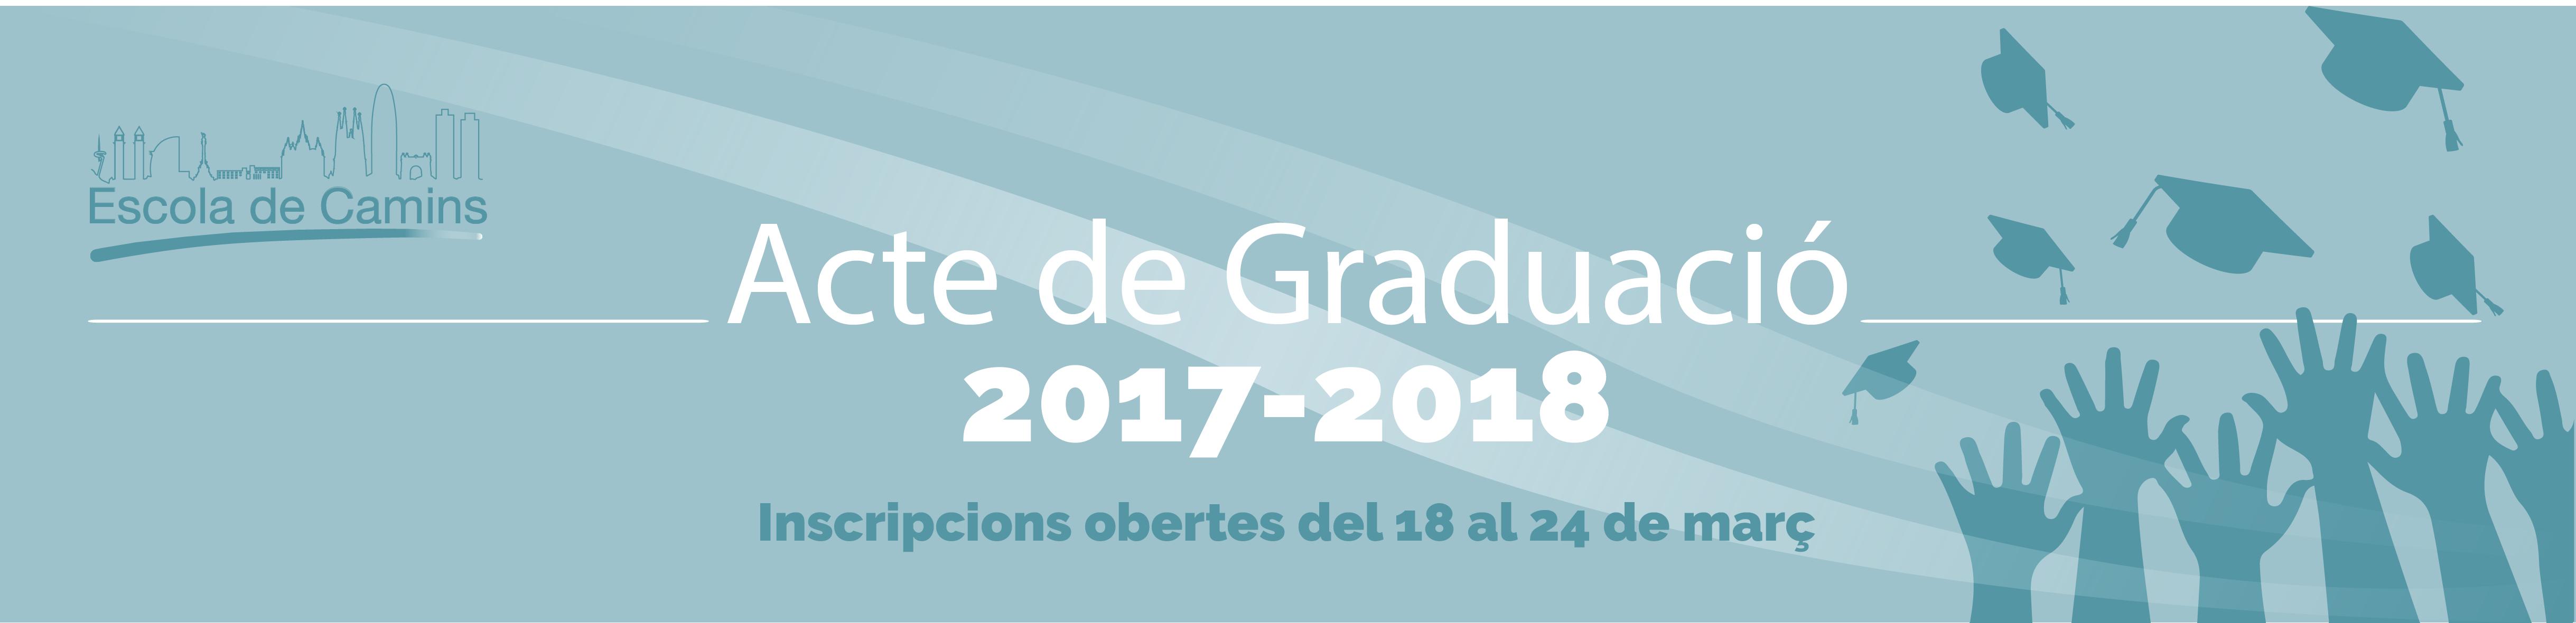 Grad17-18 pral web-ca.png